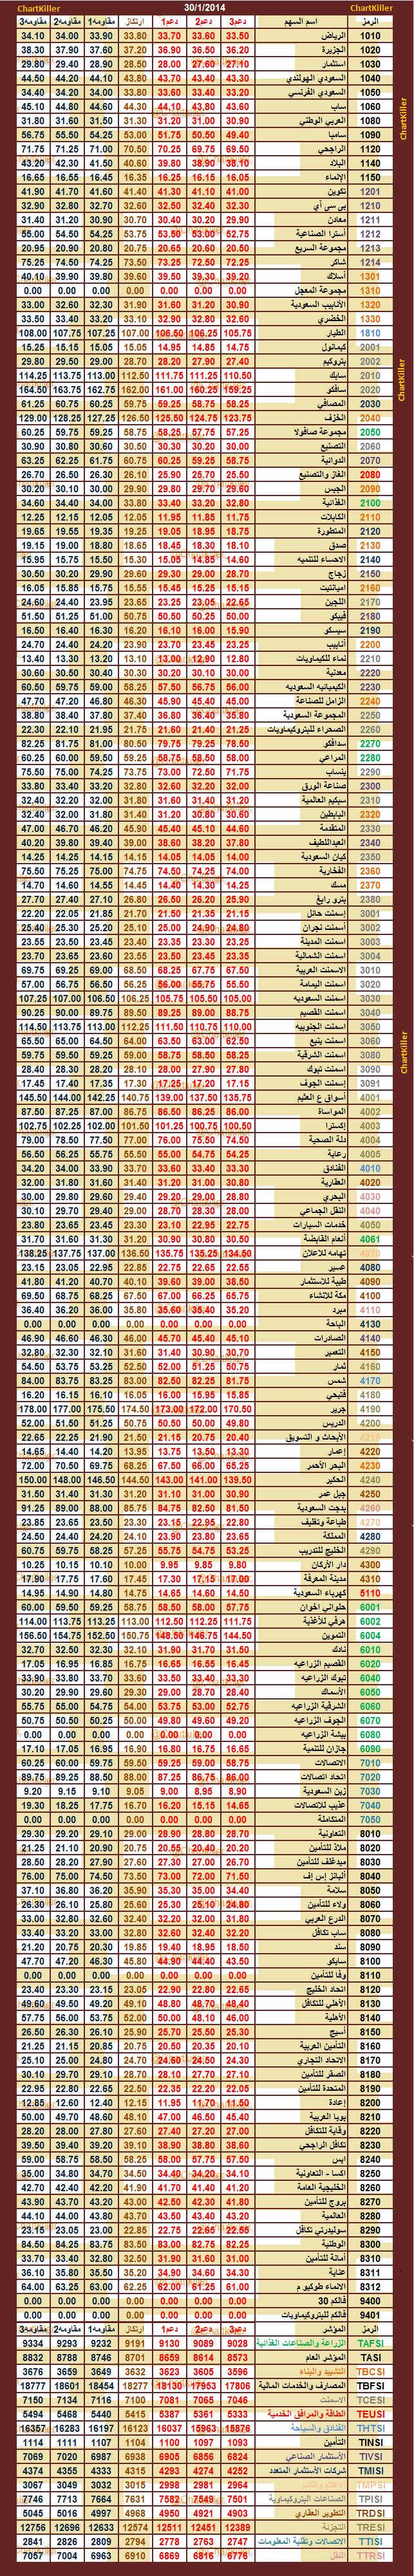 الدعم المقاومه ليوم  الخميس 30-1-2014  ::   السوق  السعودي  280426184